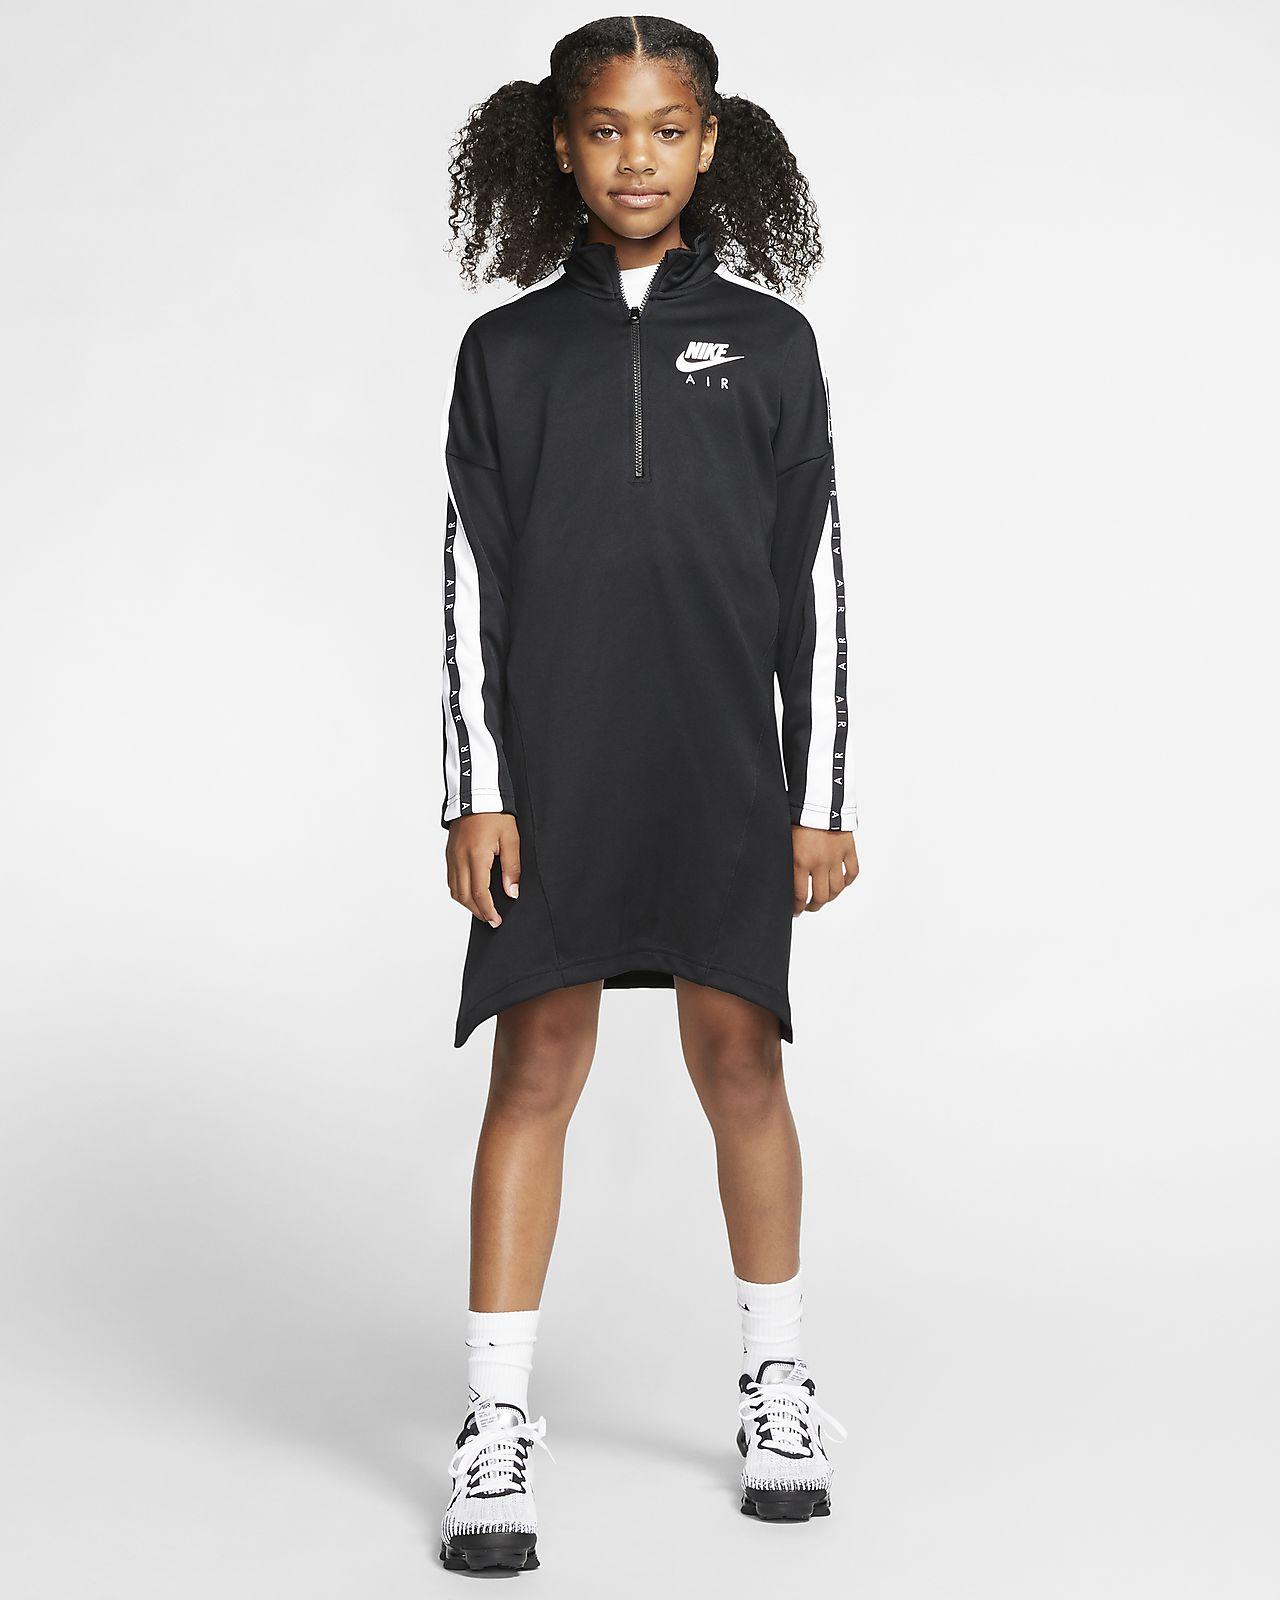 Nike Air Genç Çocuk (Kız) Elbisesi